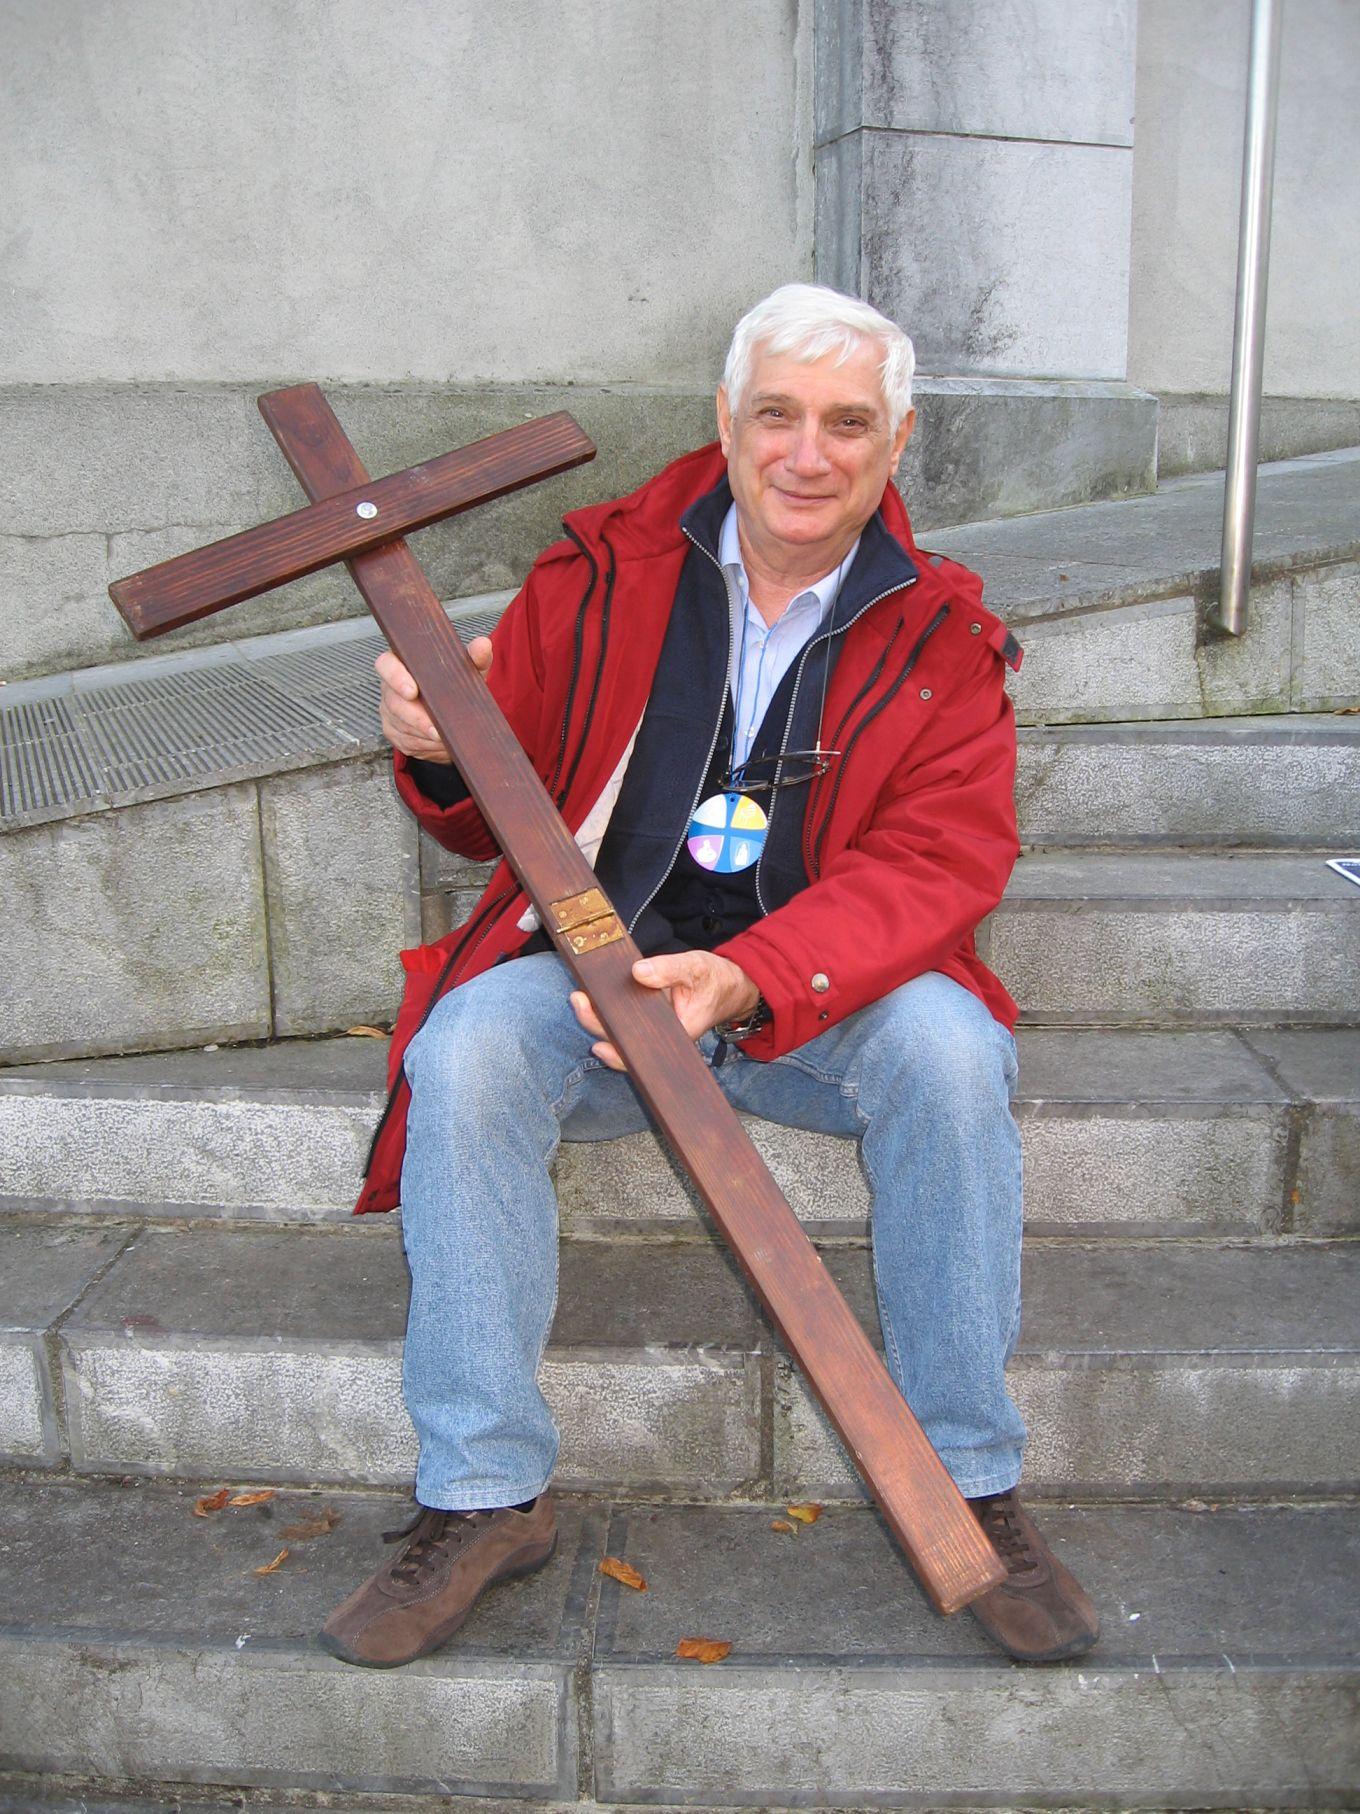 Lourdes-2008-10-25--17.42.29.jpg